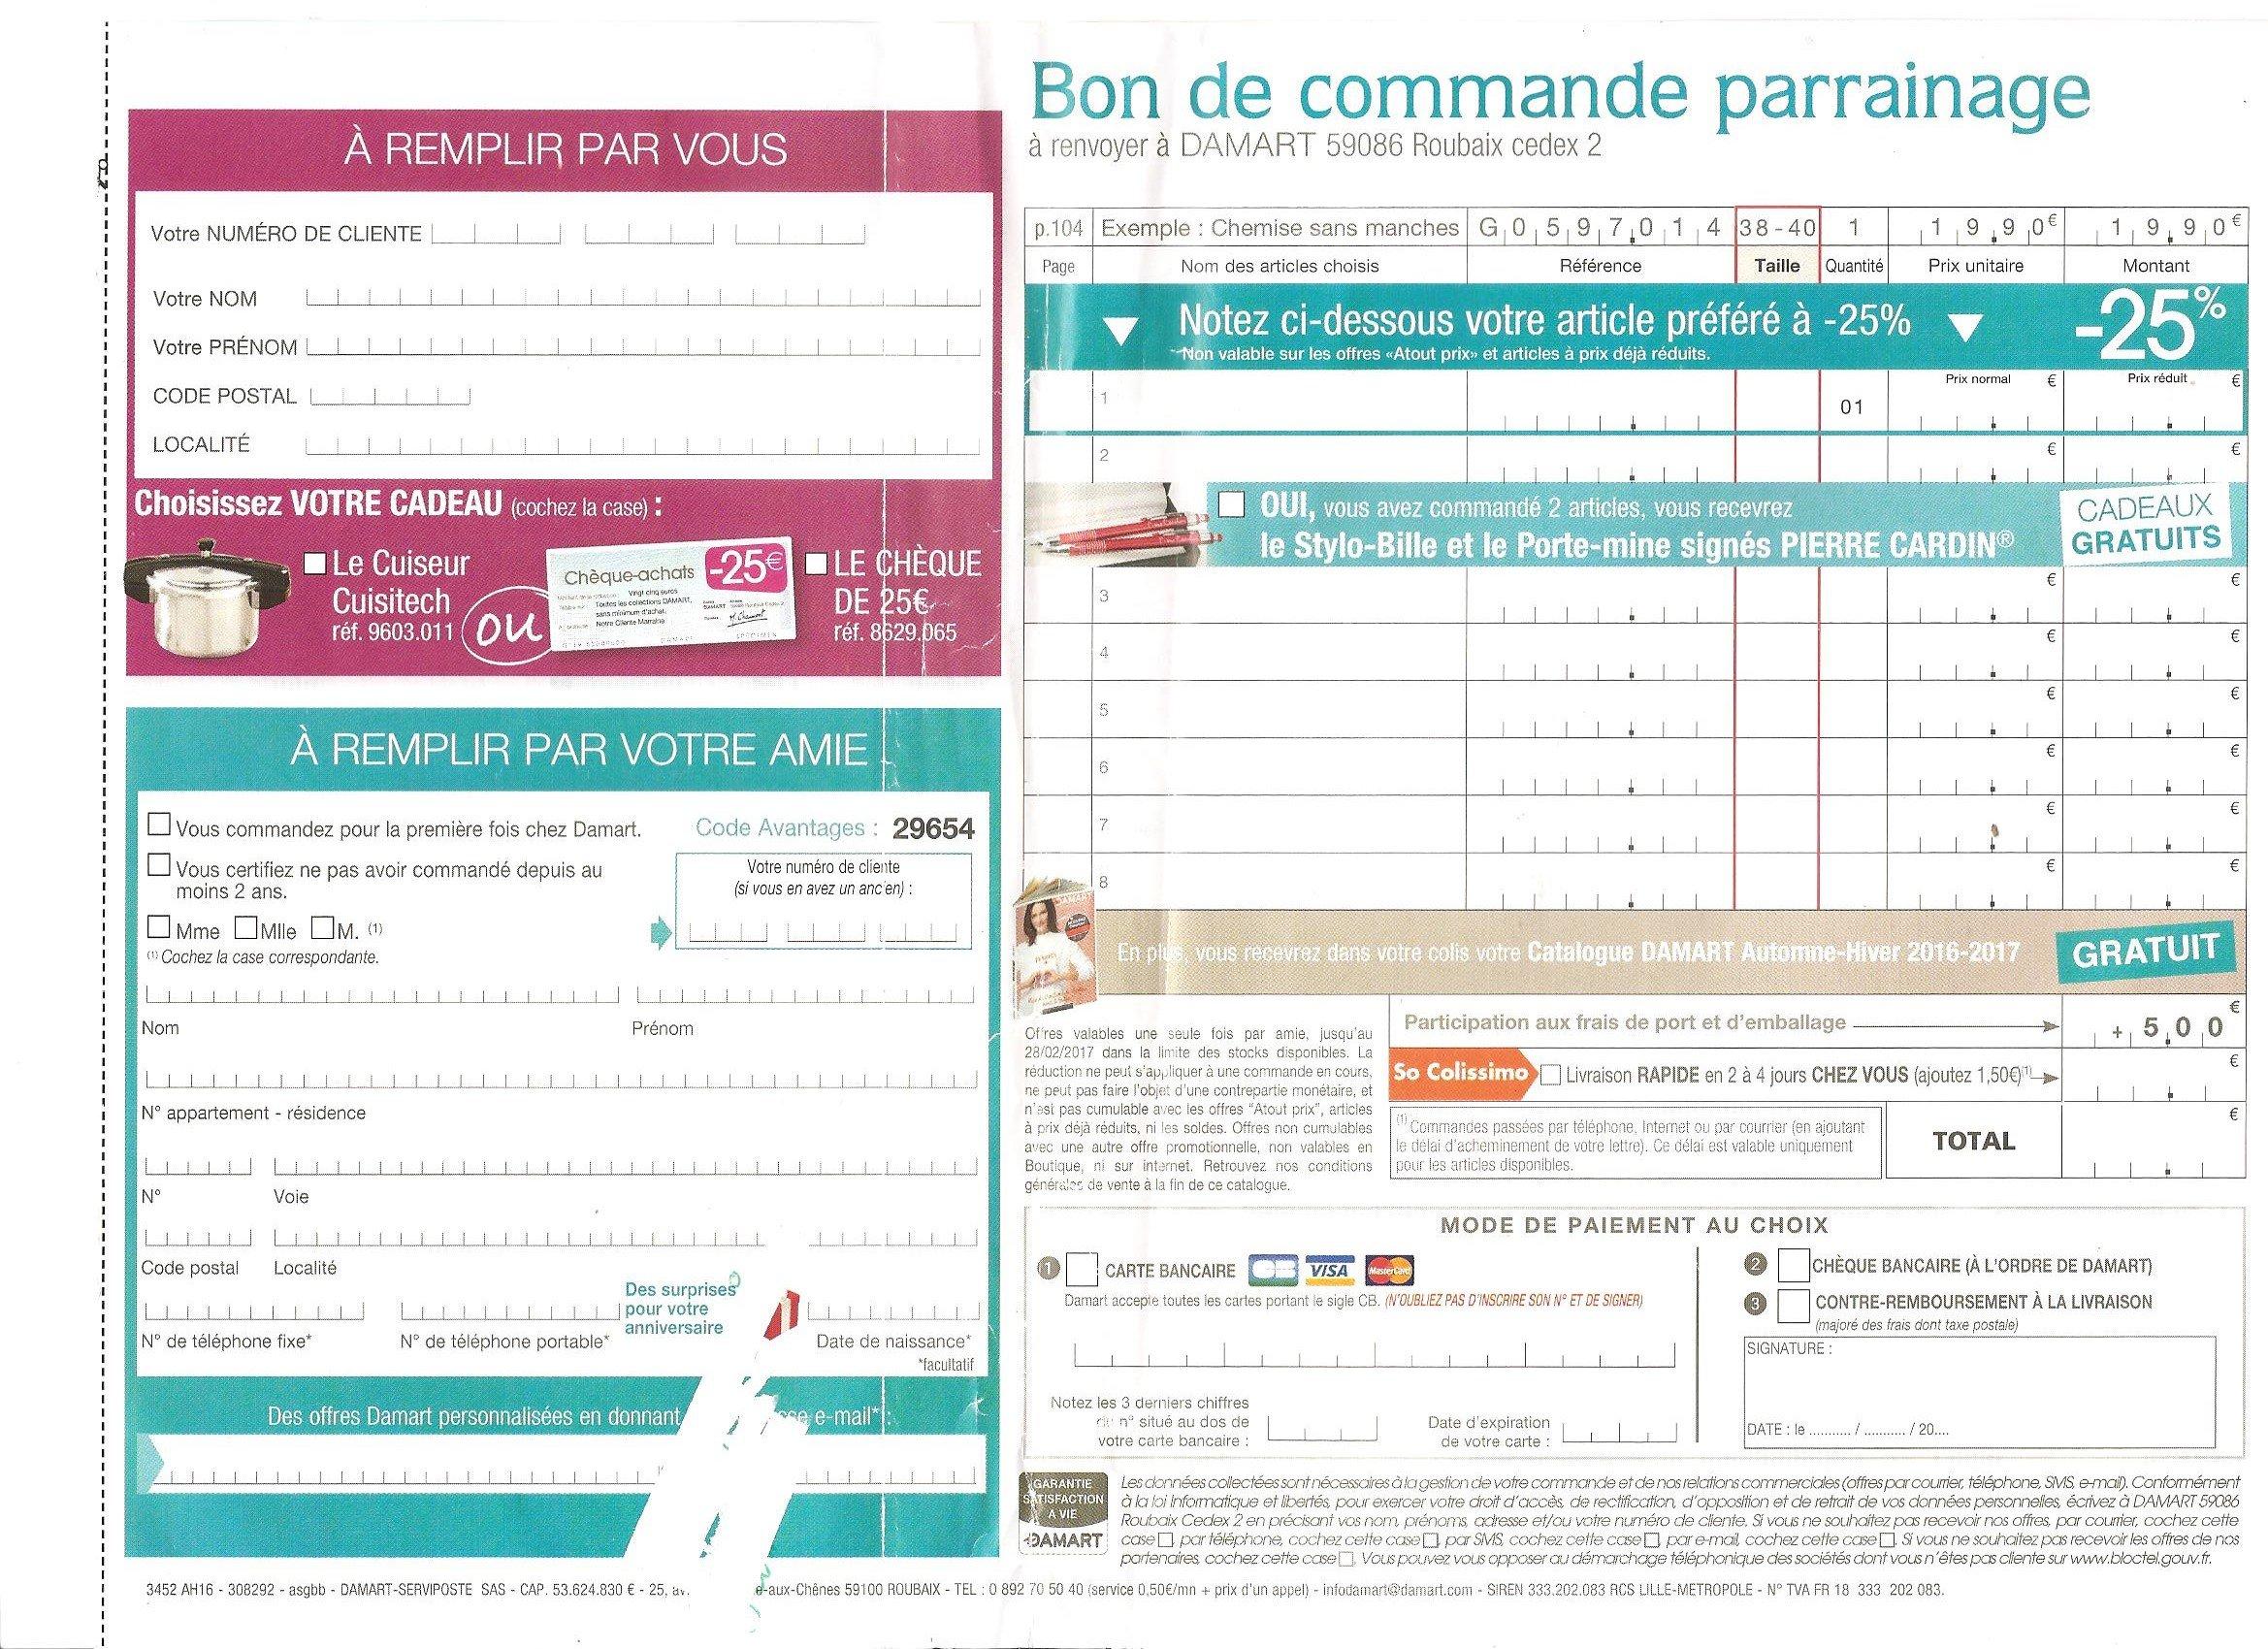 Carte Cdiscount Parrainage.Deal Moulinex Mk706a00 Multicuiseur 12 En 1 Argile A 49 99 Sur